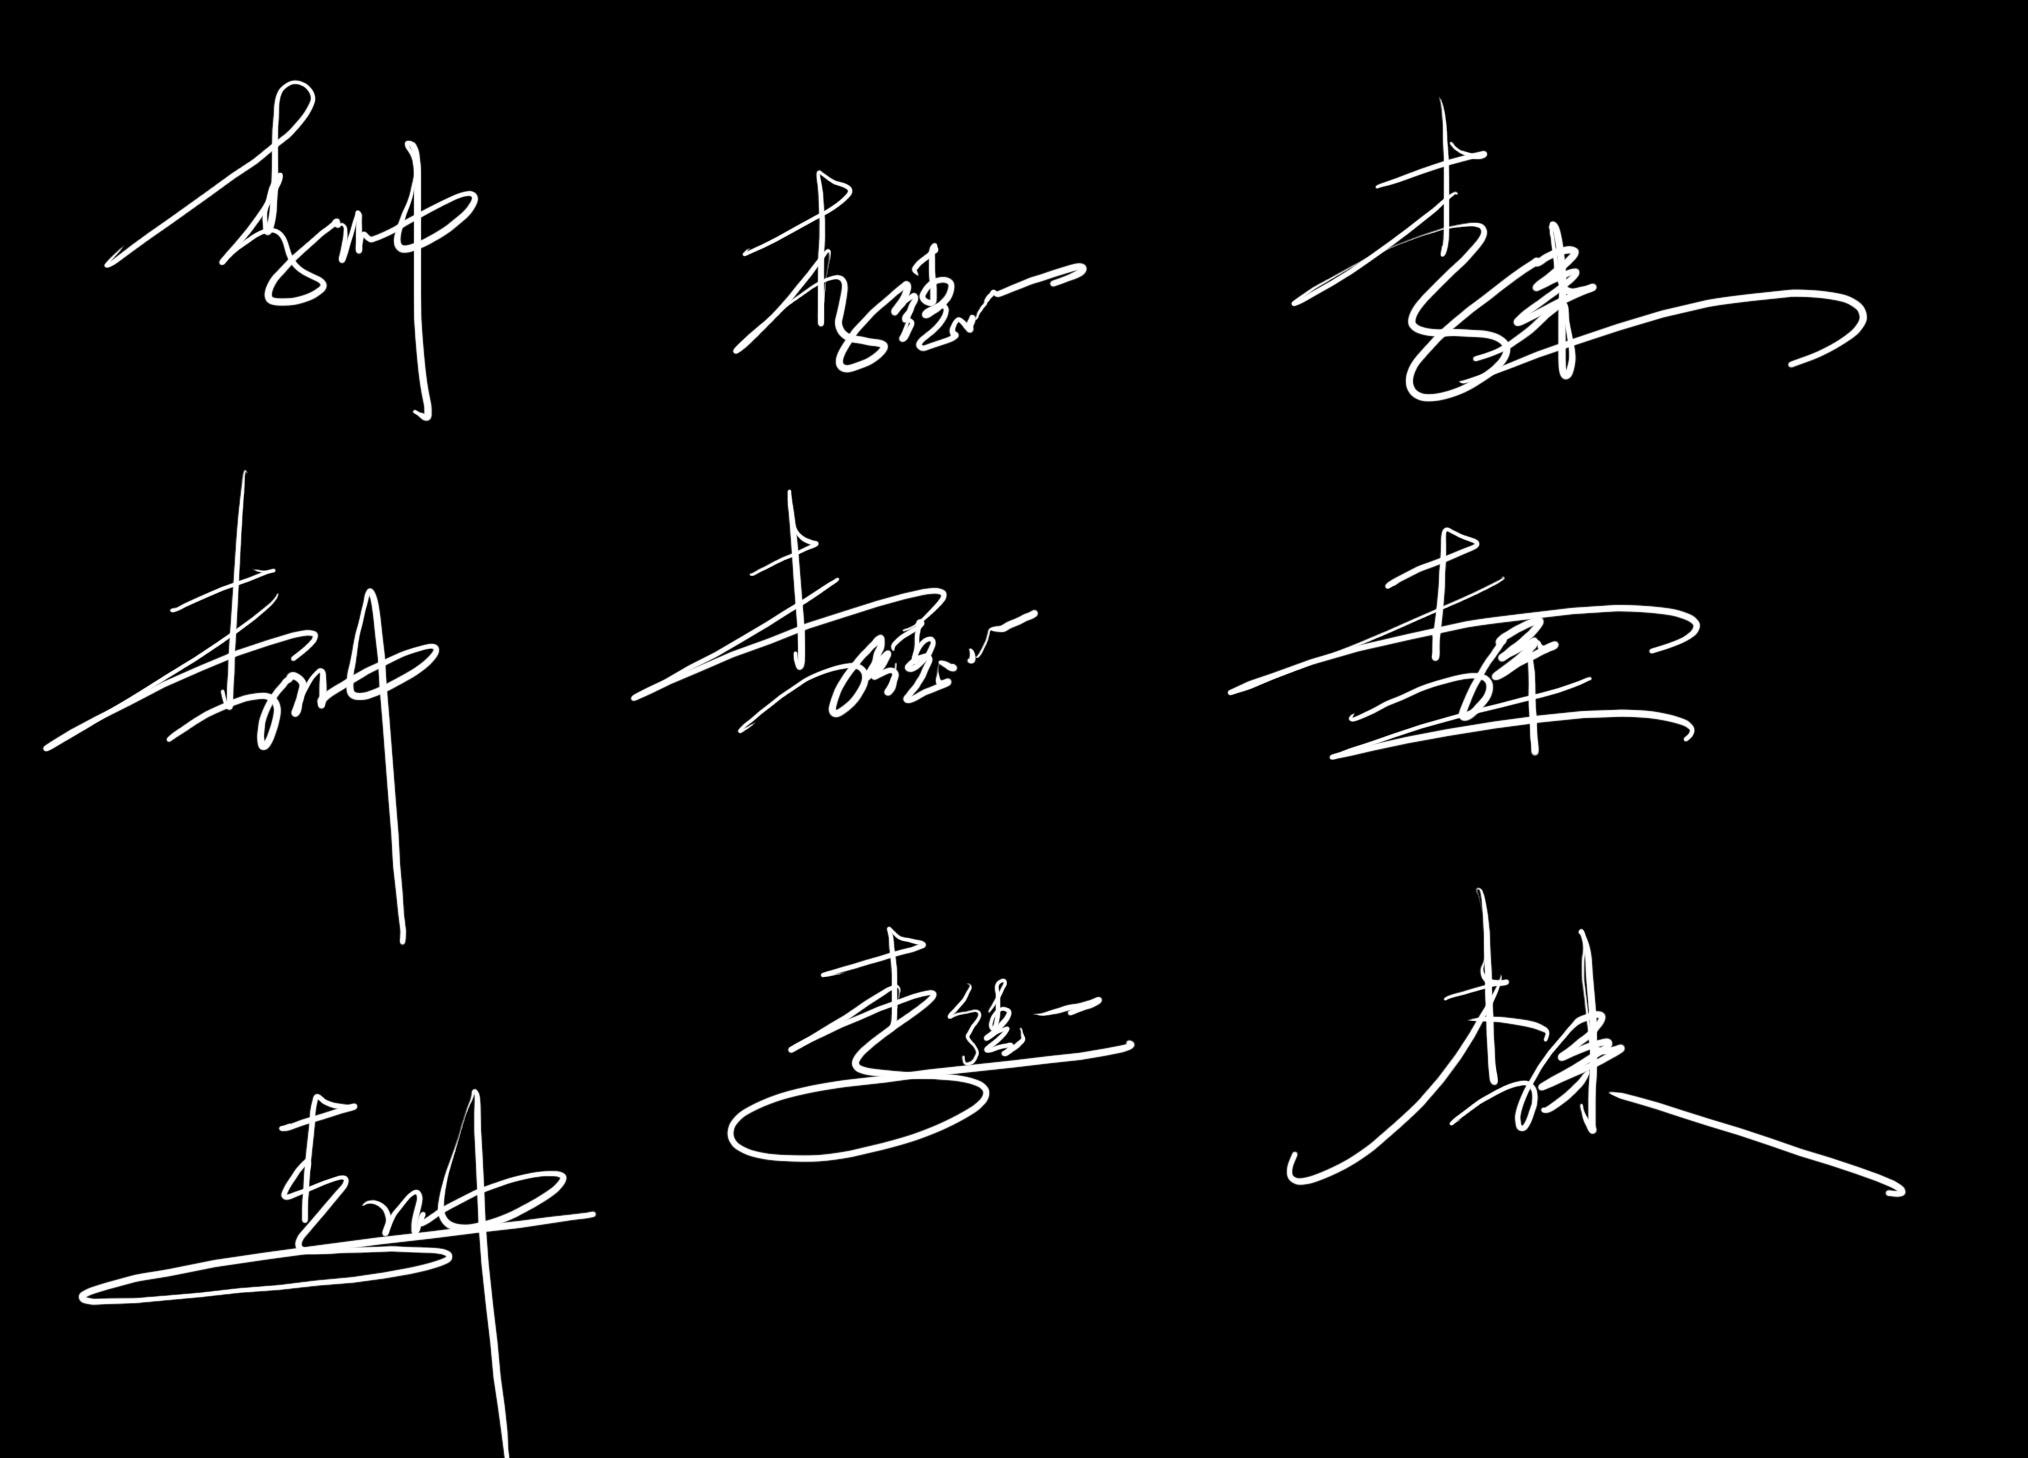 名字_签名设计_个性签名_艺术签名_明星签名_免费在线设计签名网 ,名字是